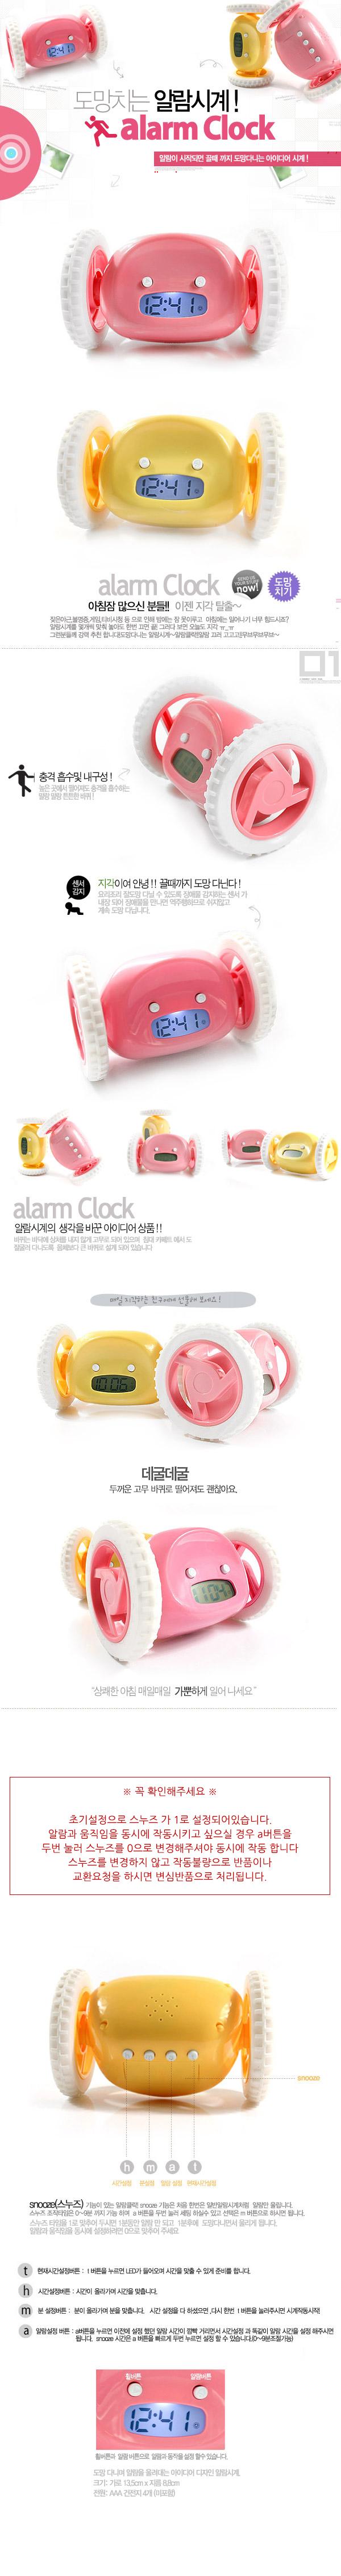 도망가는 움직이는 알람시계 클라키 알람클락 - 디자인에버, 10,900원, 알람시계, 디지털